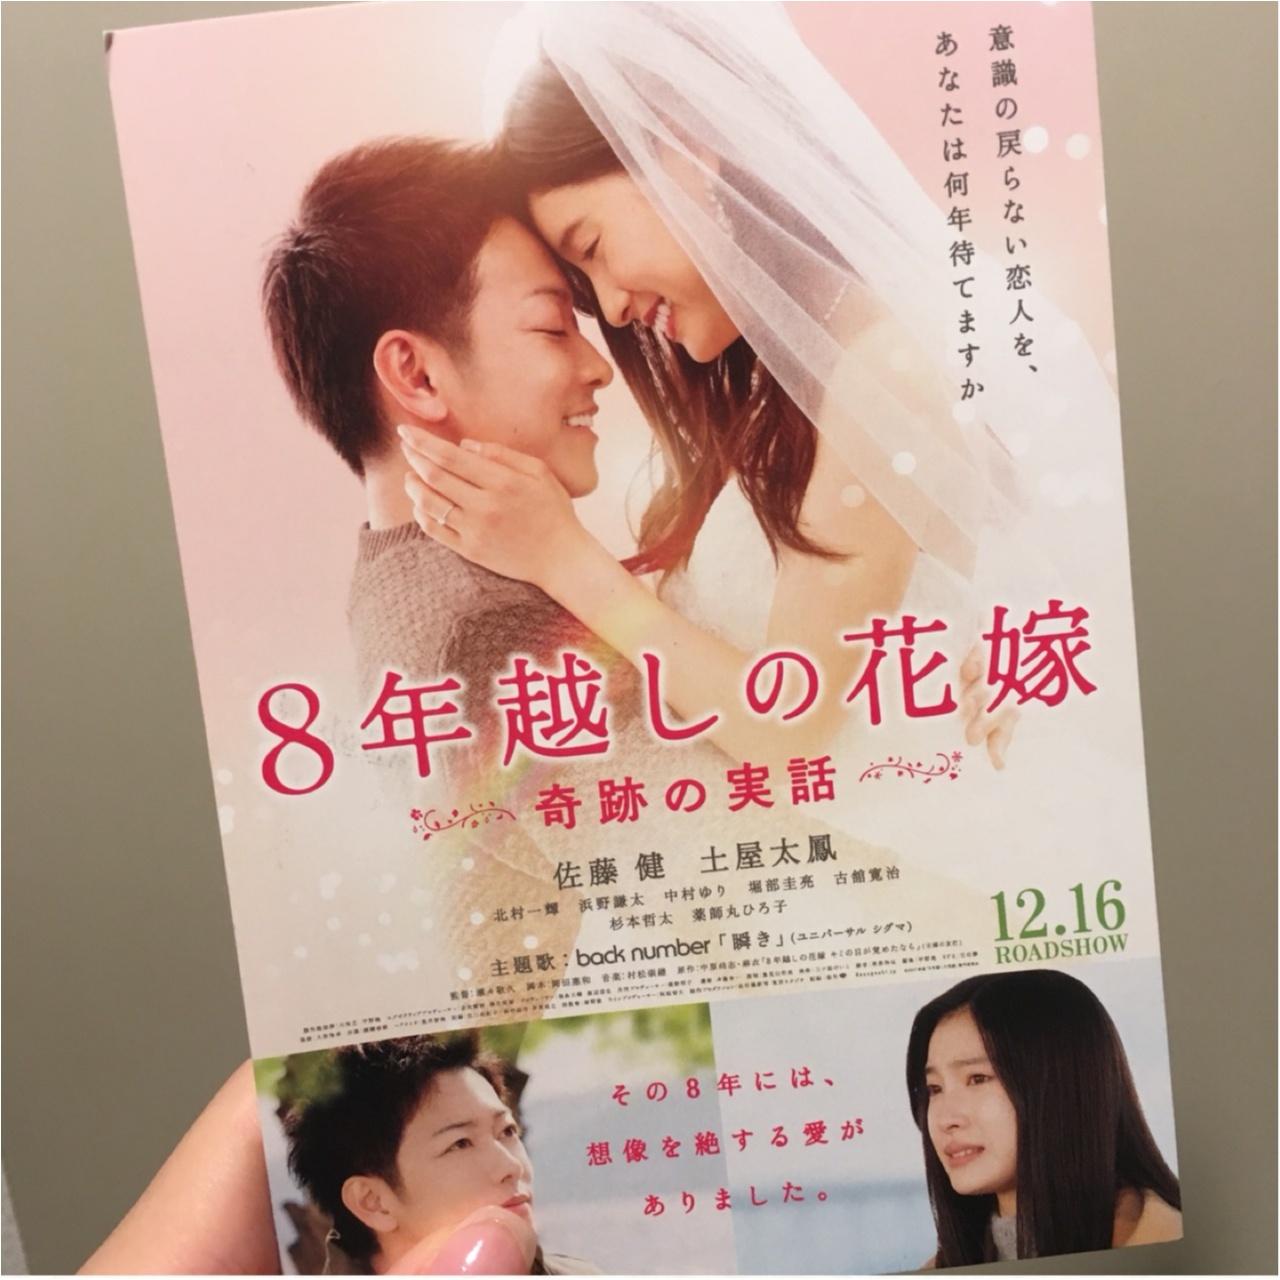 感動の涙が止まらない!映画「8年越しの花嫁 奇跡の実話」の試写会に行ってきました♡_1